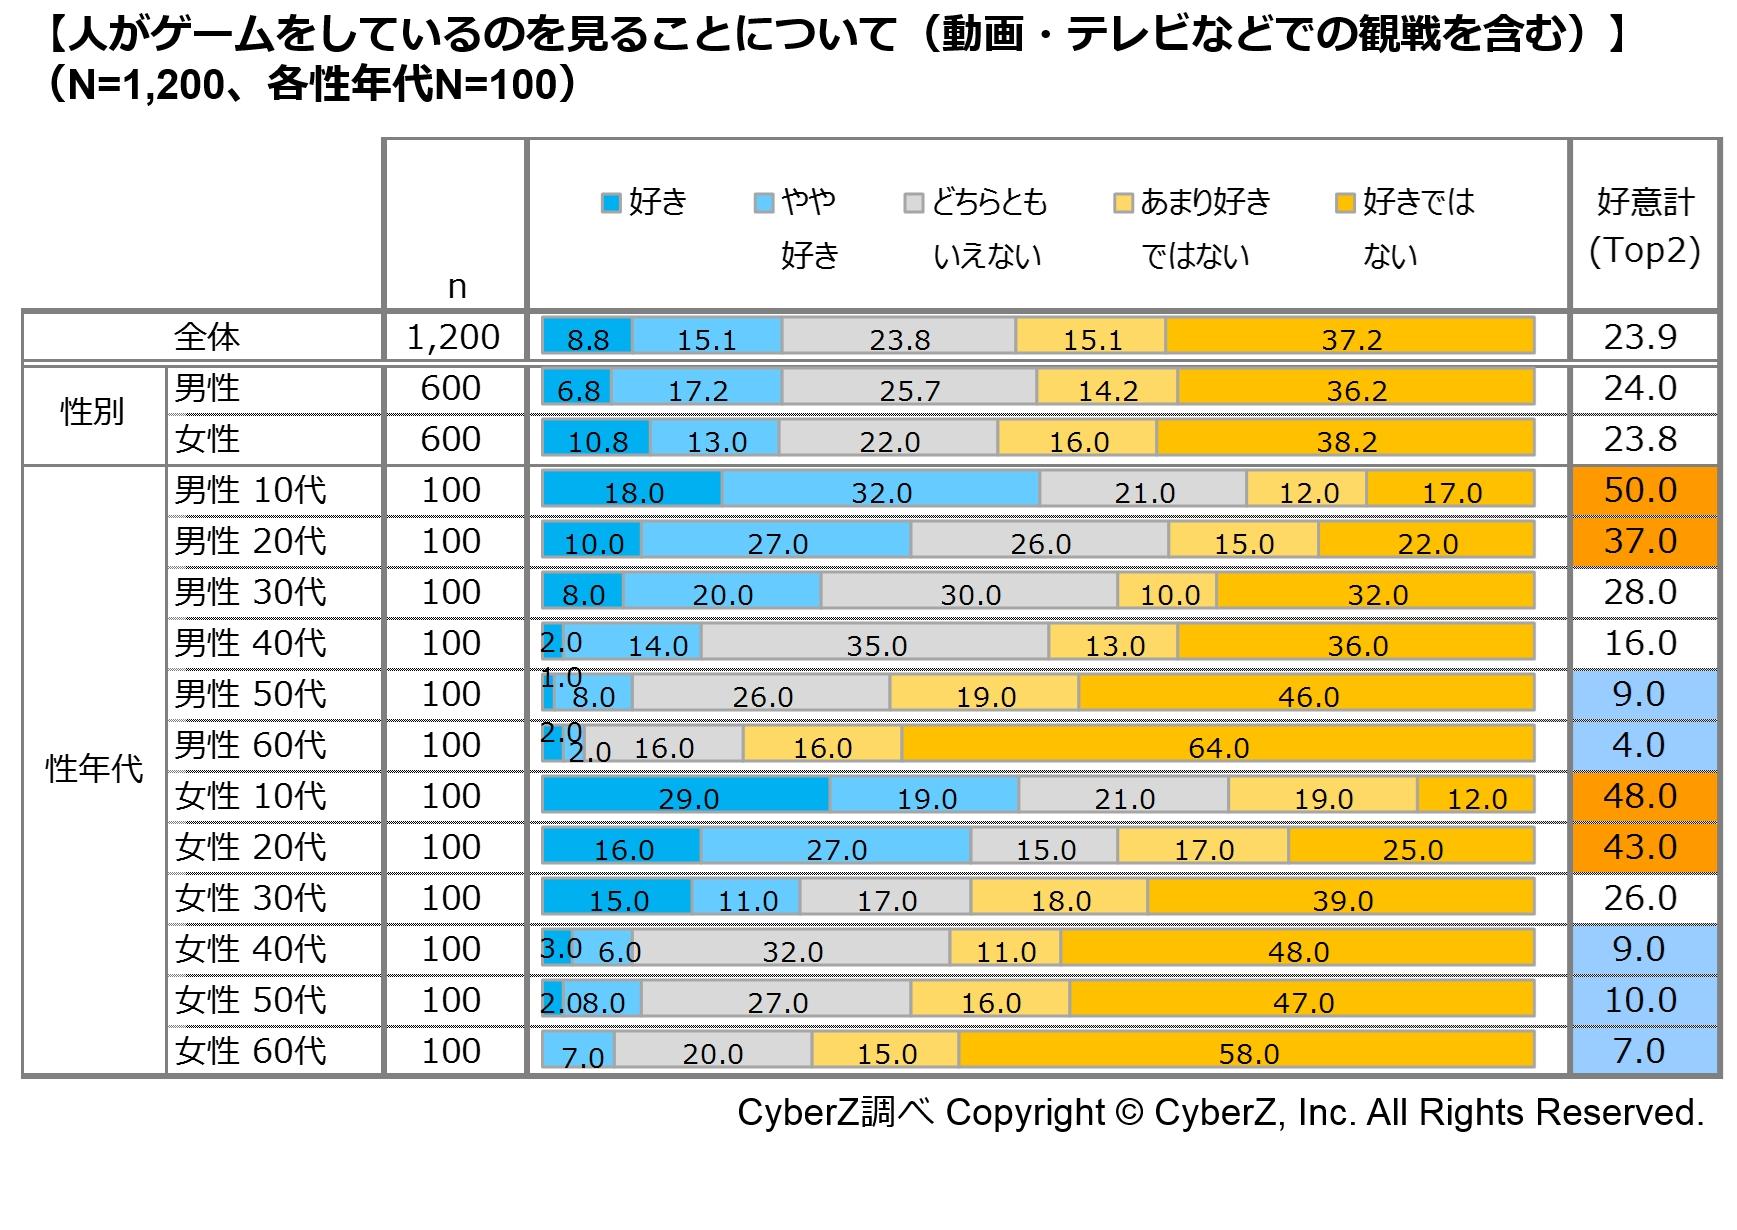 e Sportsのユーザー認知度が2017年比で2倍に上昇!CyberZが認知度調査結果を発表